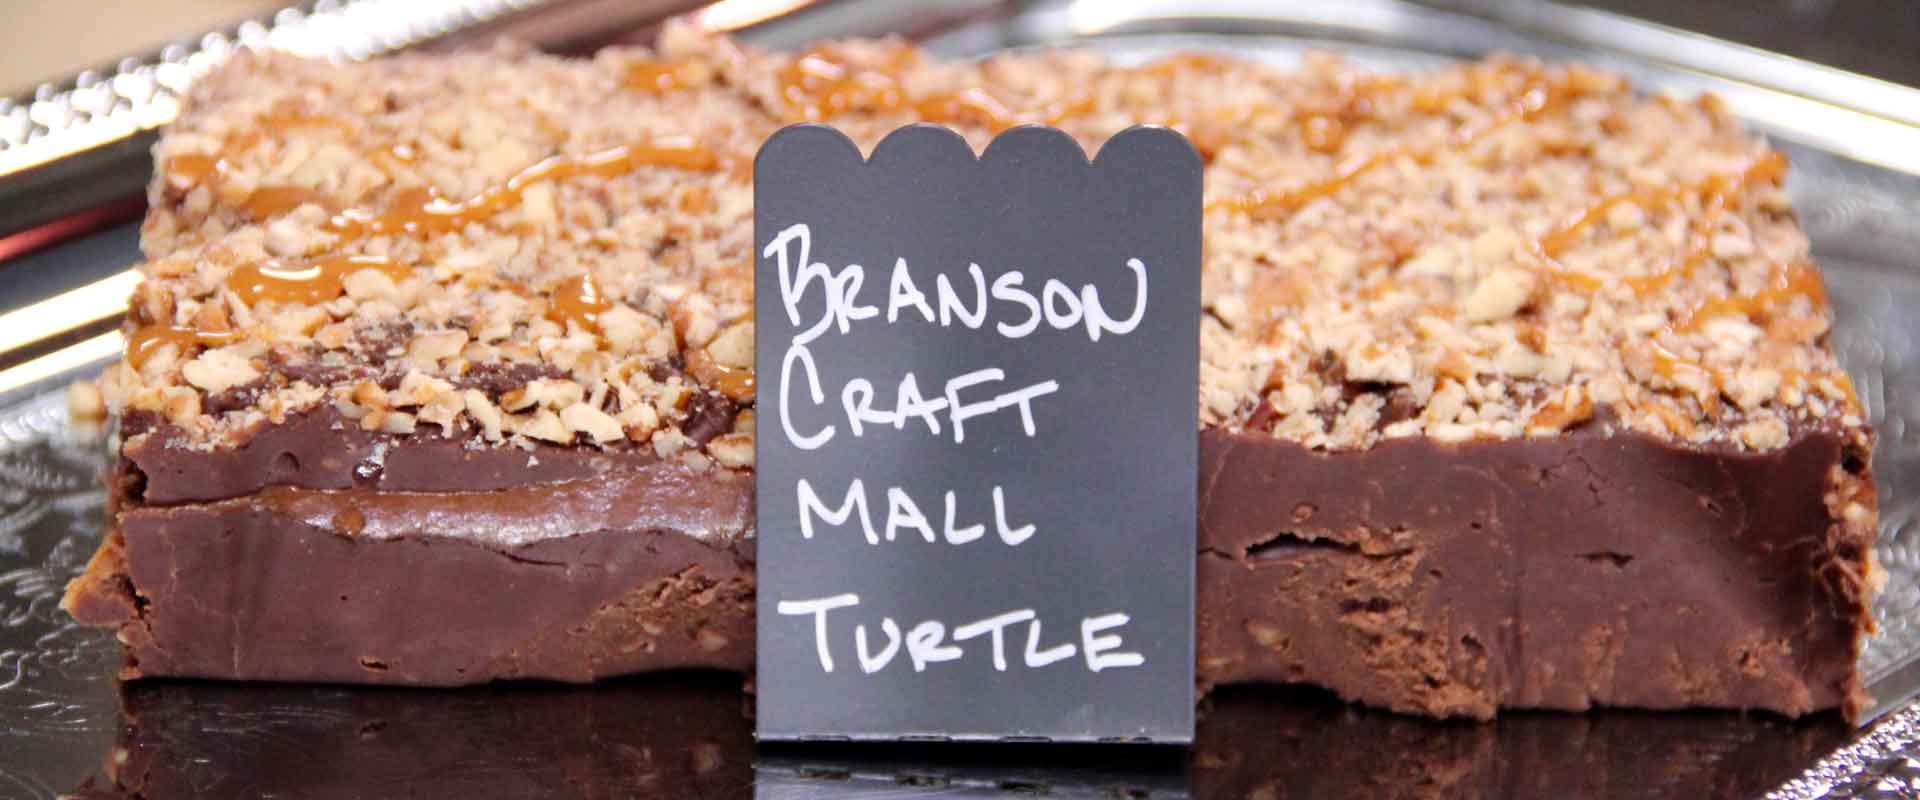 Branson Fudge Company